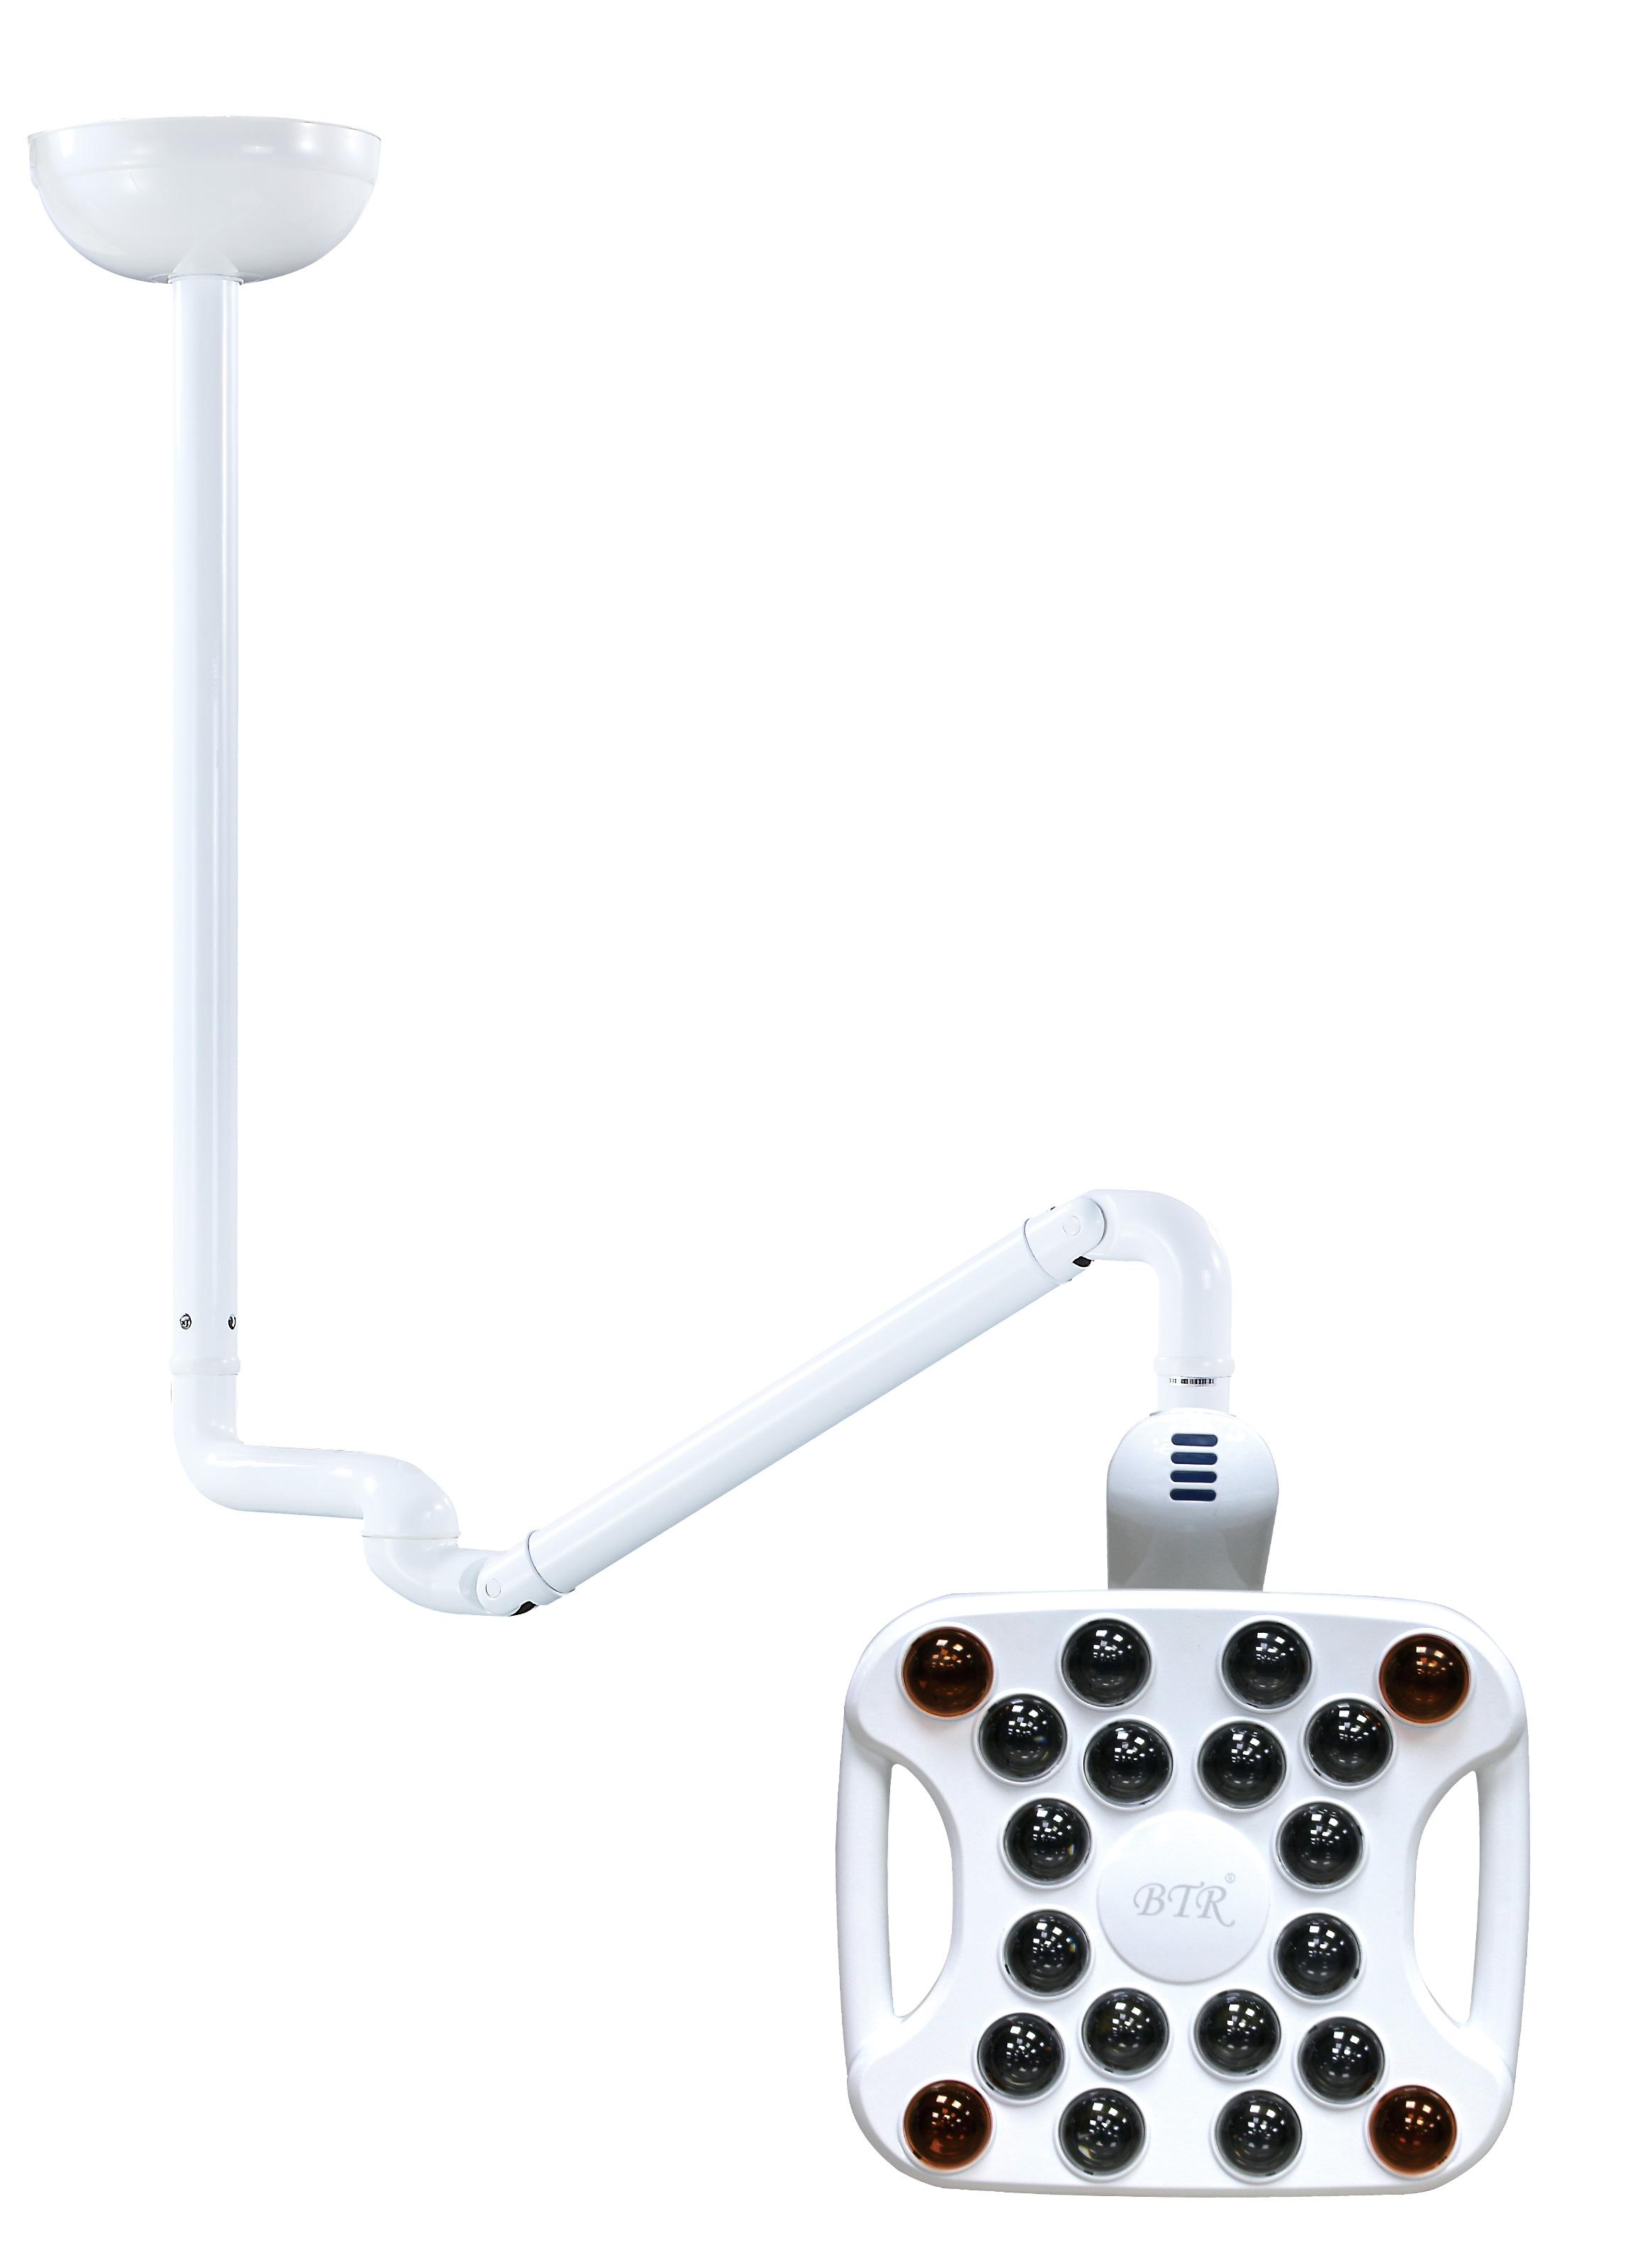 27#吊顶LED灯SH-013